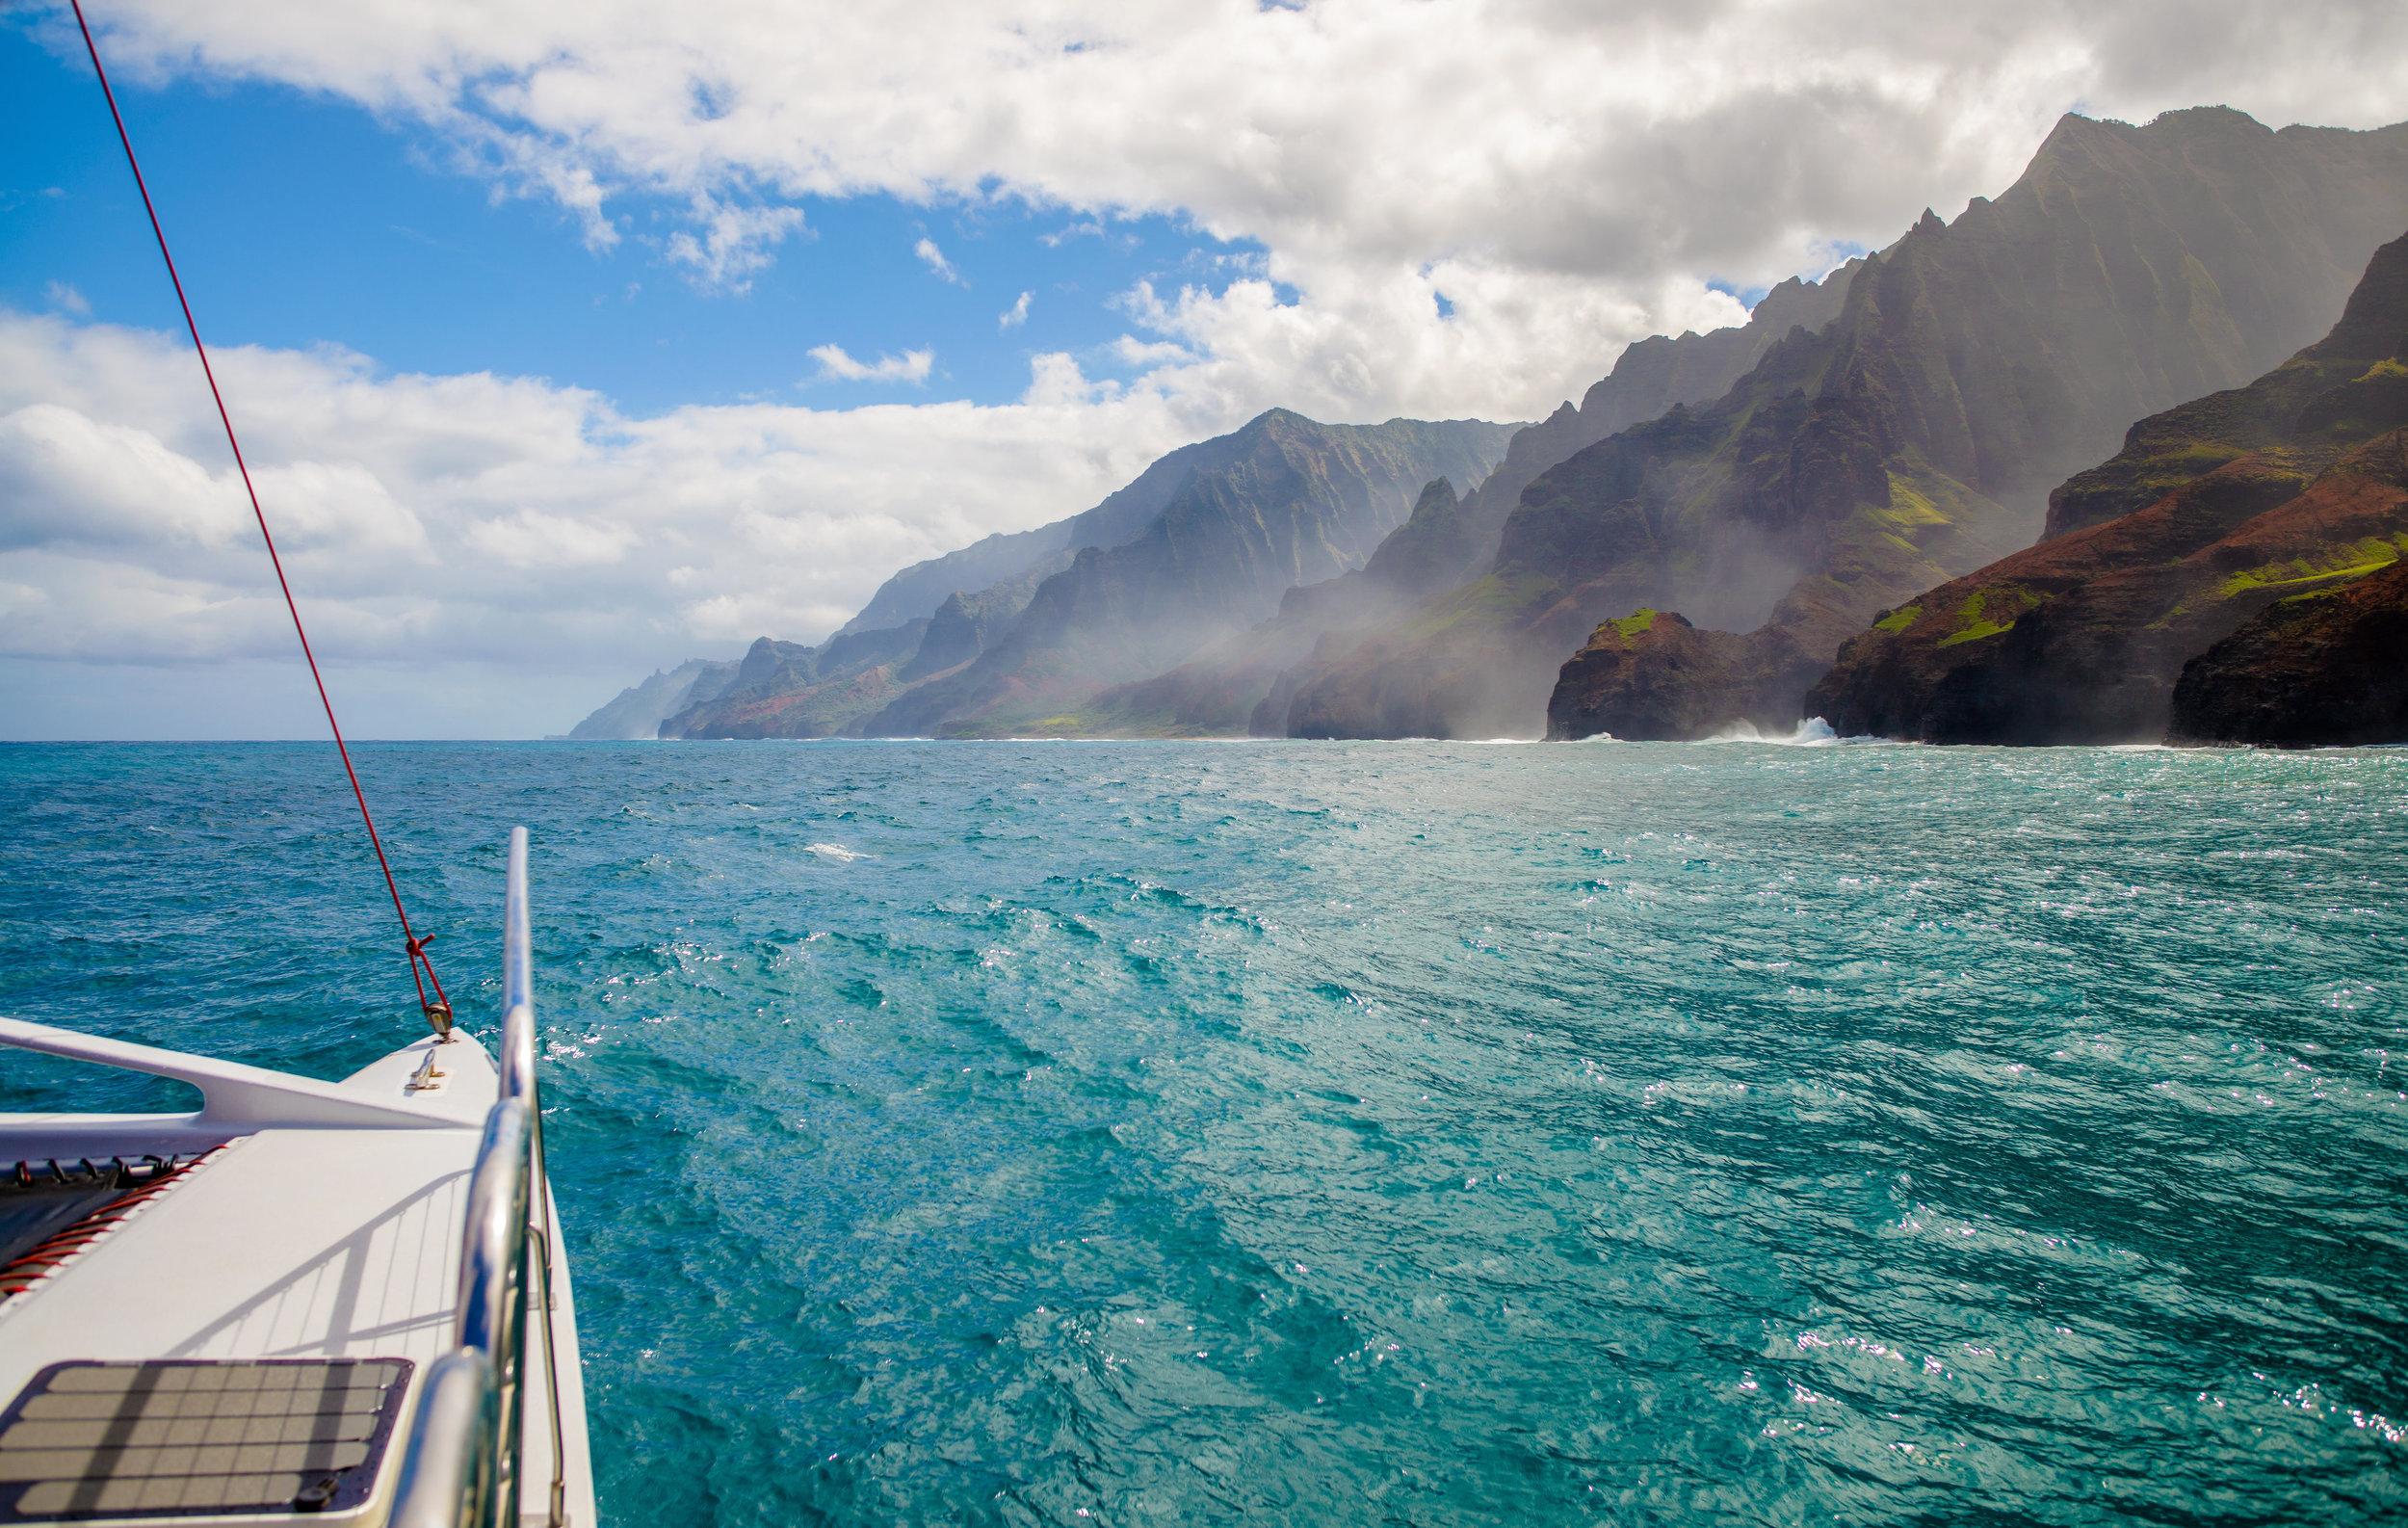 rsz_sailing-napali-coast-kauai-hawaii-608517976_7360x4670.jpg